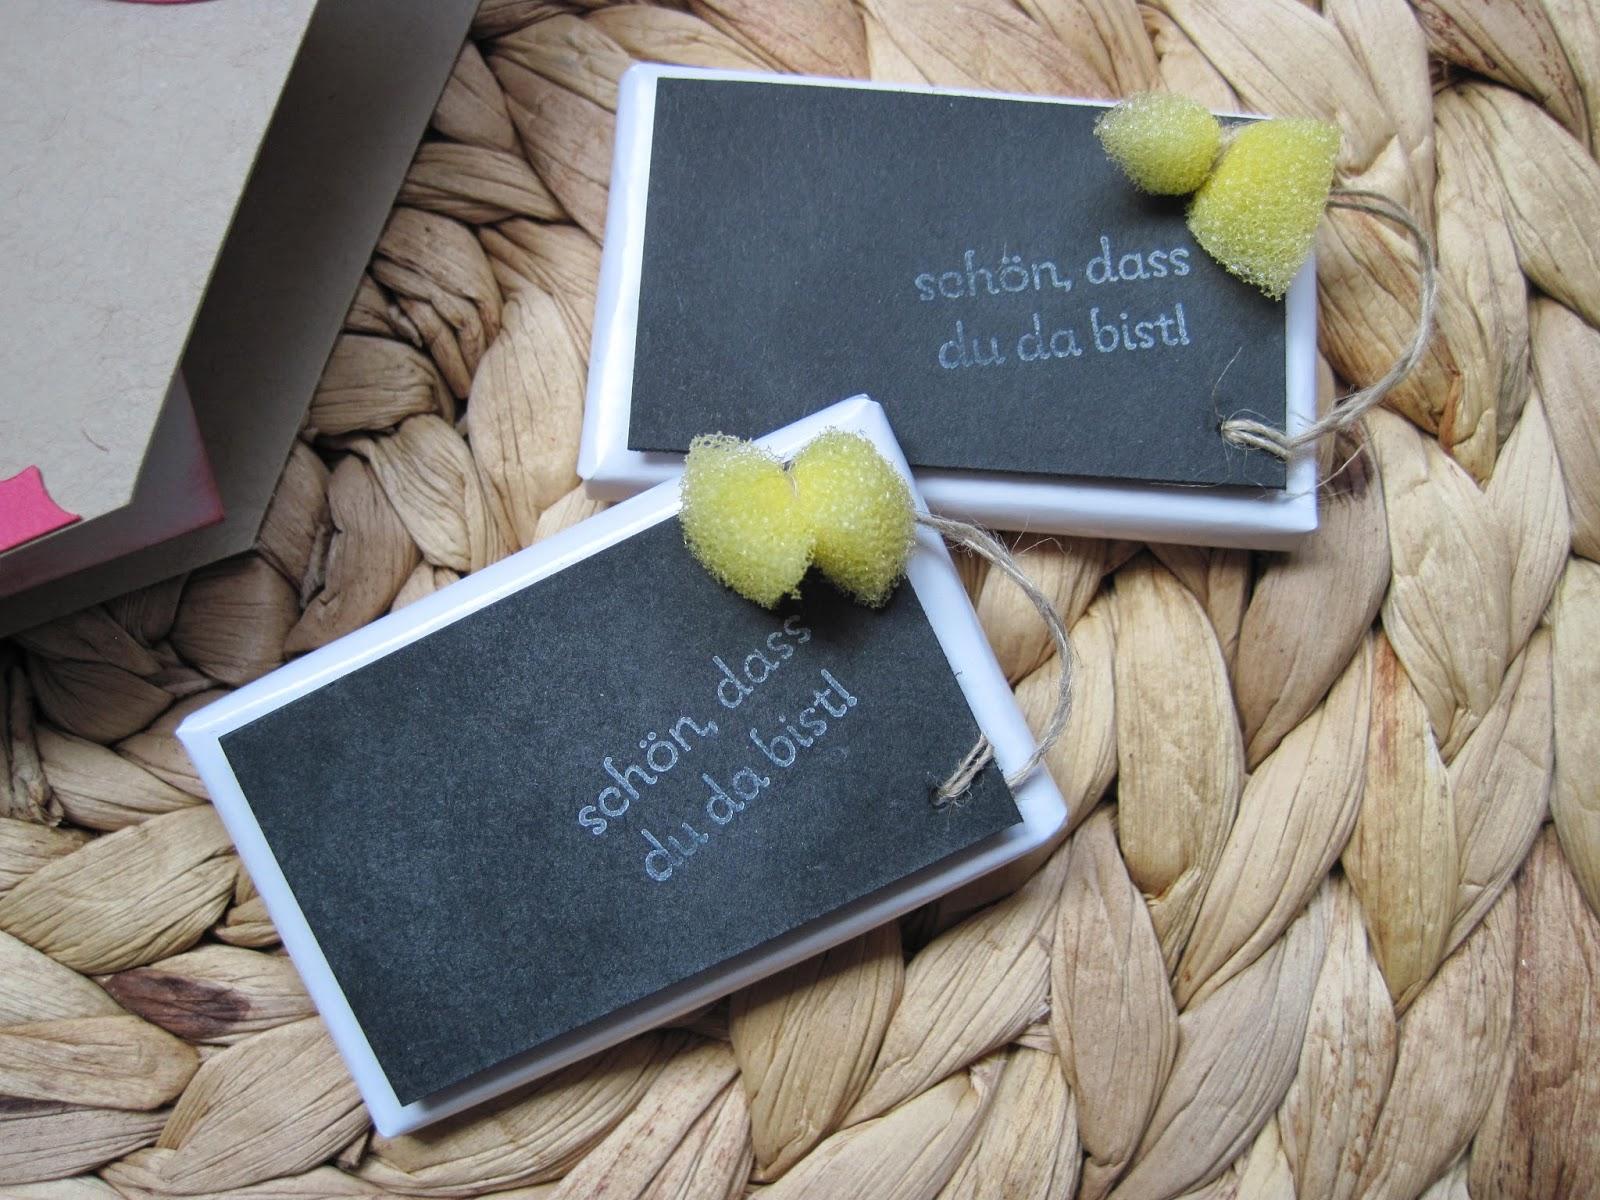 Stempelhimmel ideen zur einschulung - Schulanfang deko ideen ...